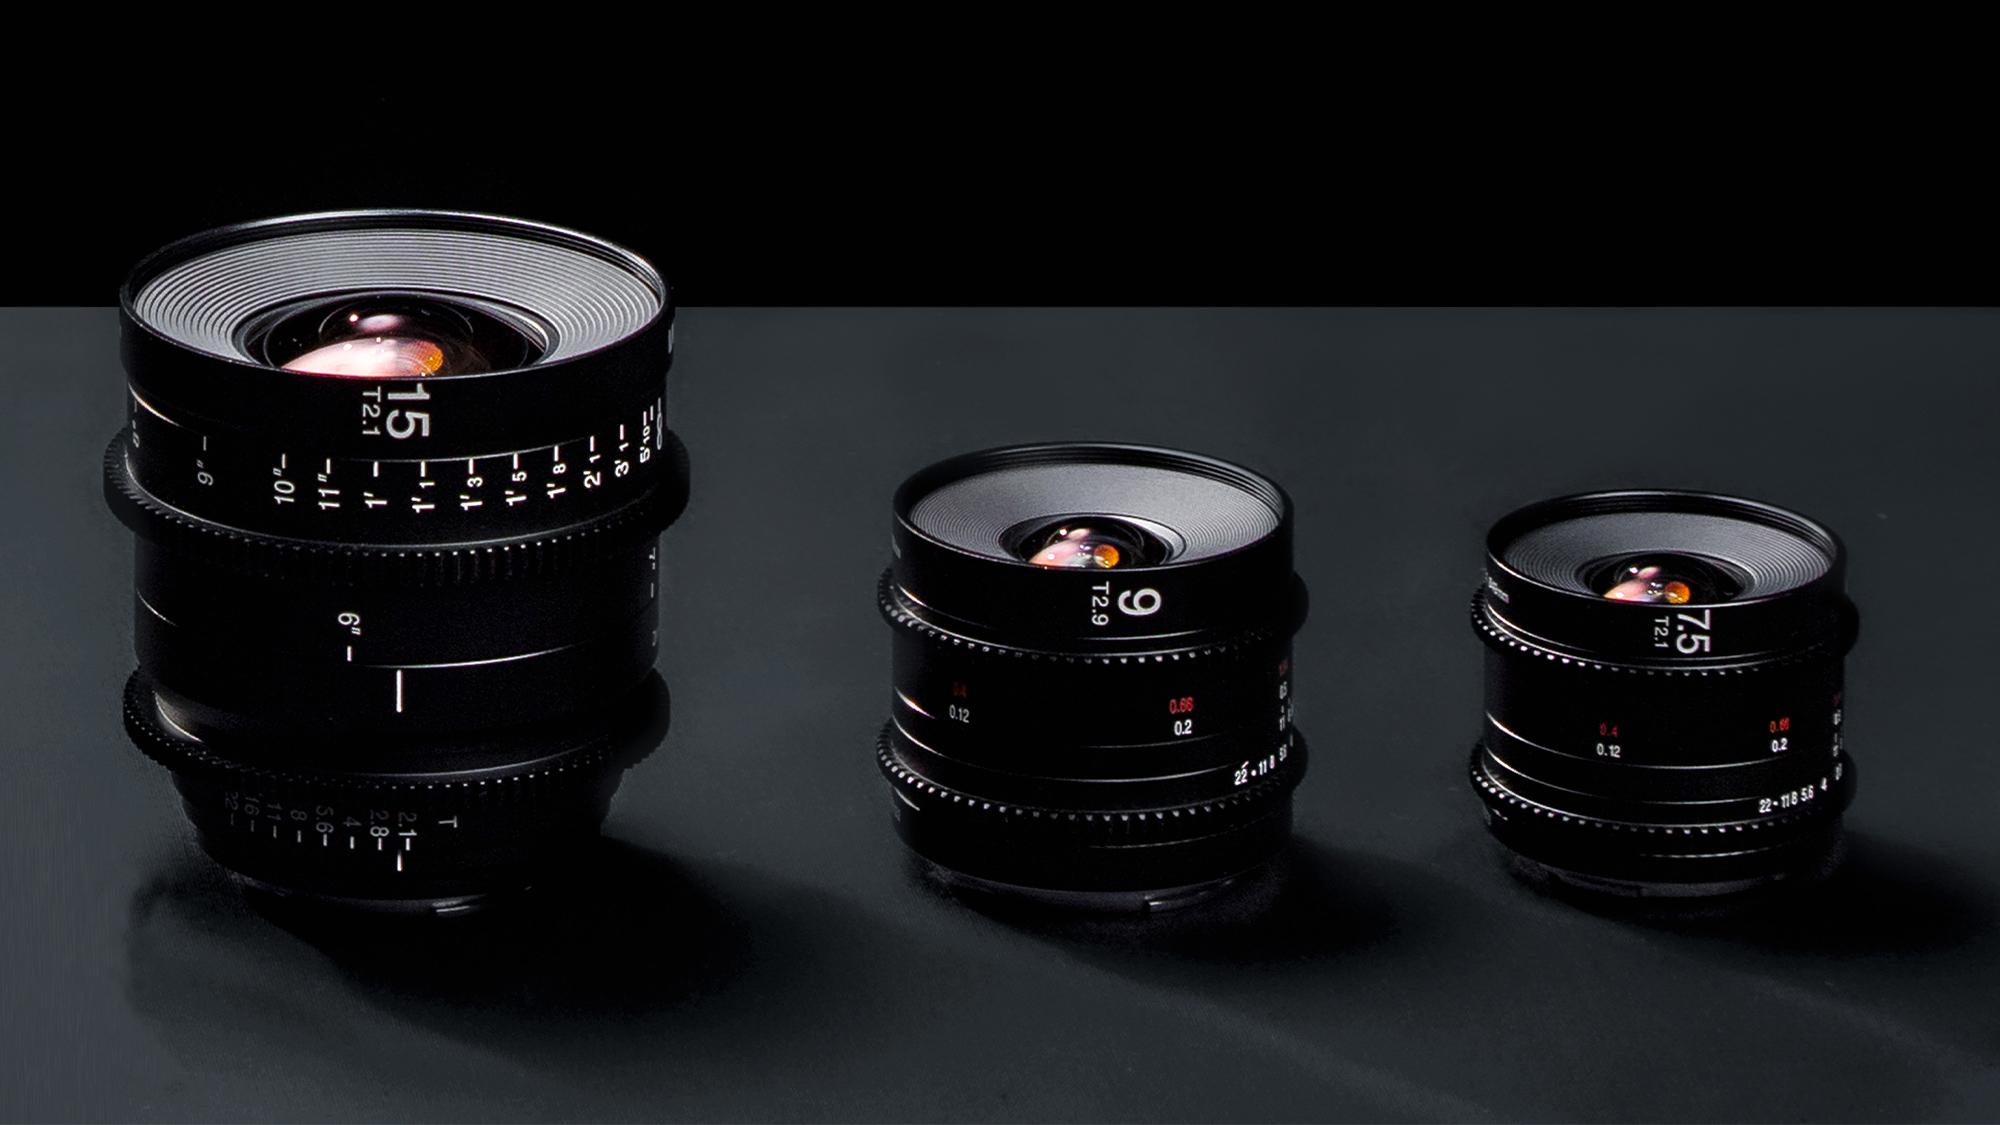 Venus Optics Unveiled 3 New Ultra Wide Cine Lenses For Micro Four Thirds, Super 35, and Full Frame Cinema Cameras